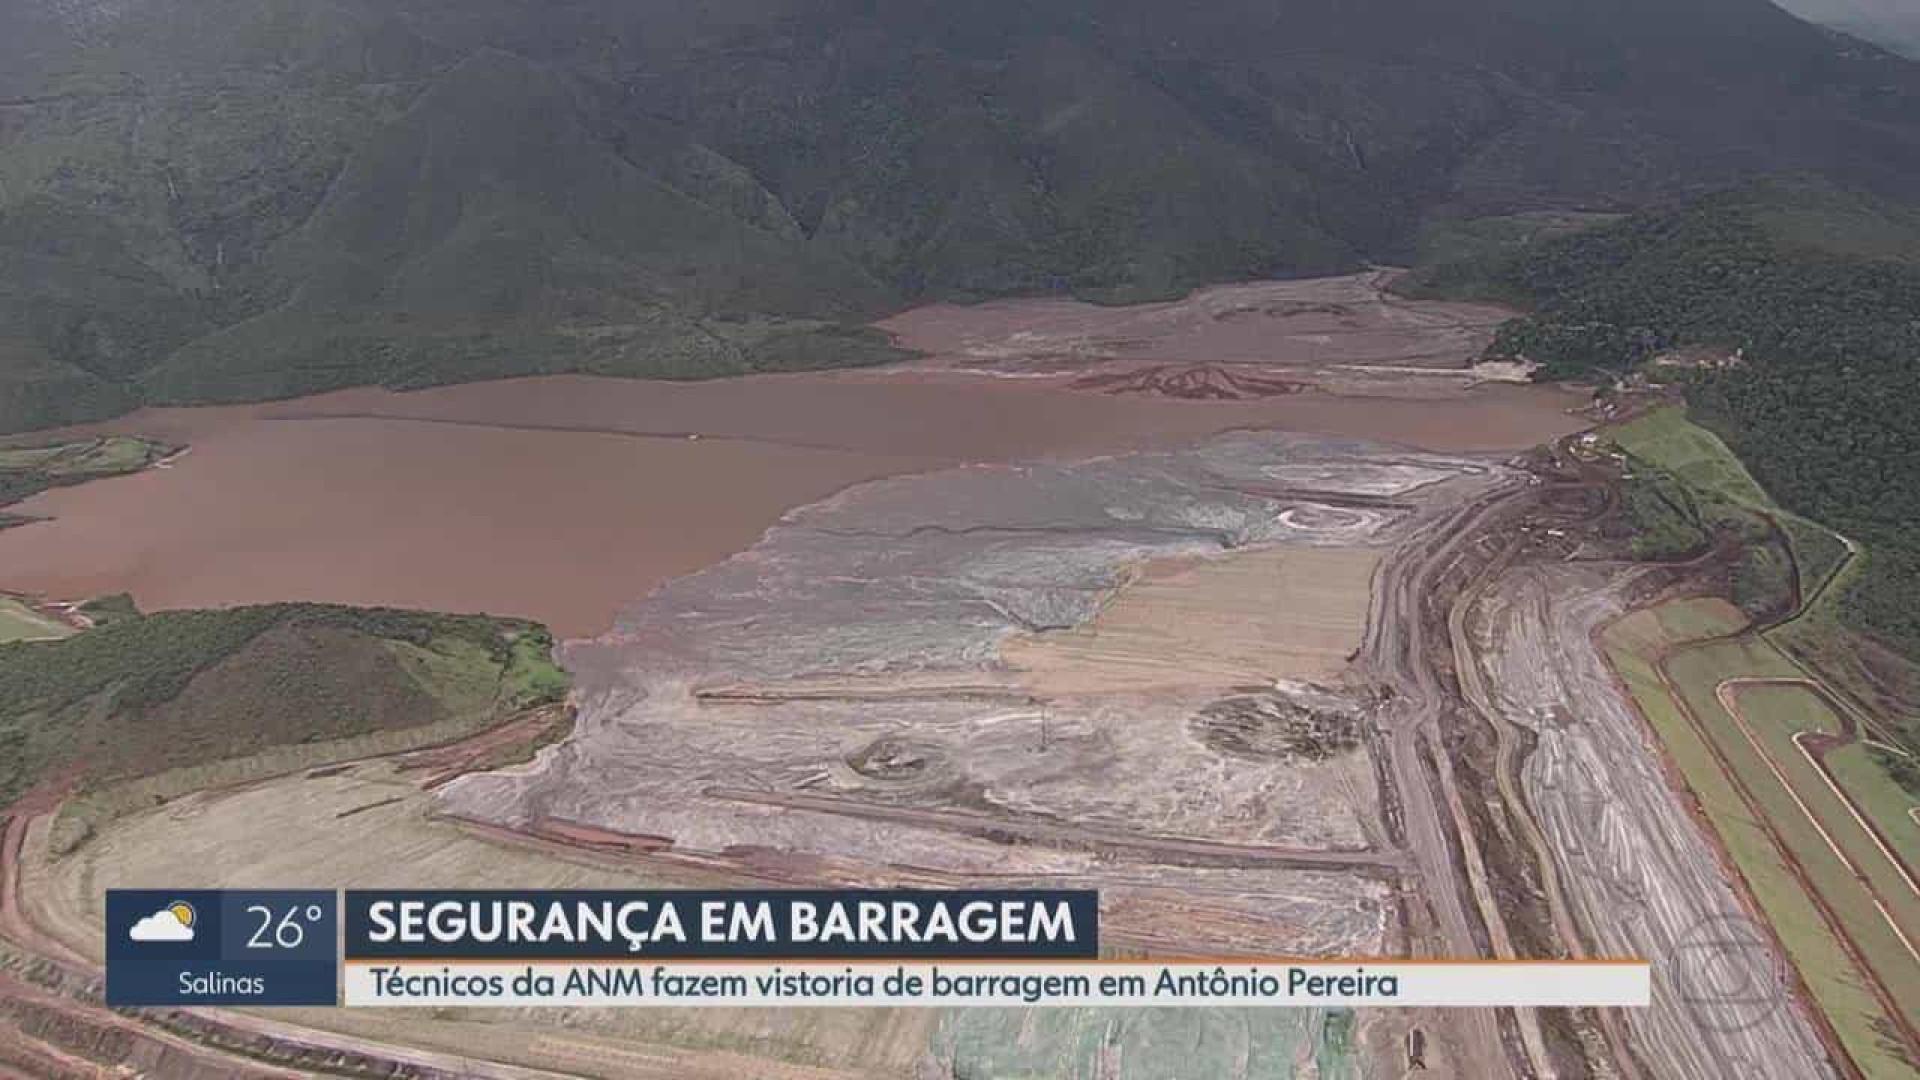 Vale evacua casas próximo a barragem em Ouro Preto